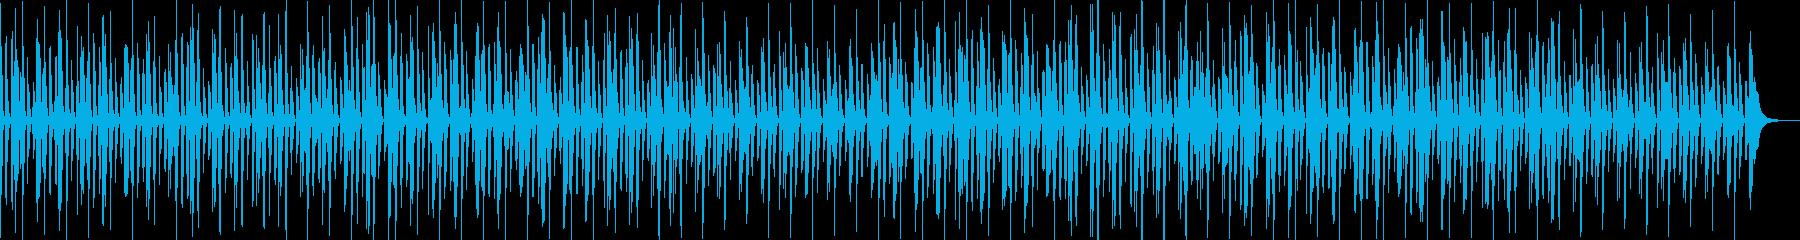 楽しいトランペット・明るいポップスの再生済みの波形